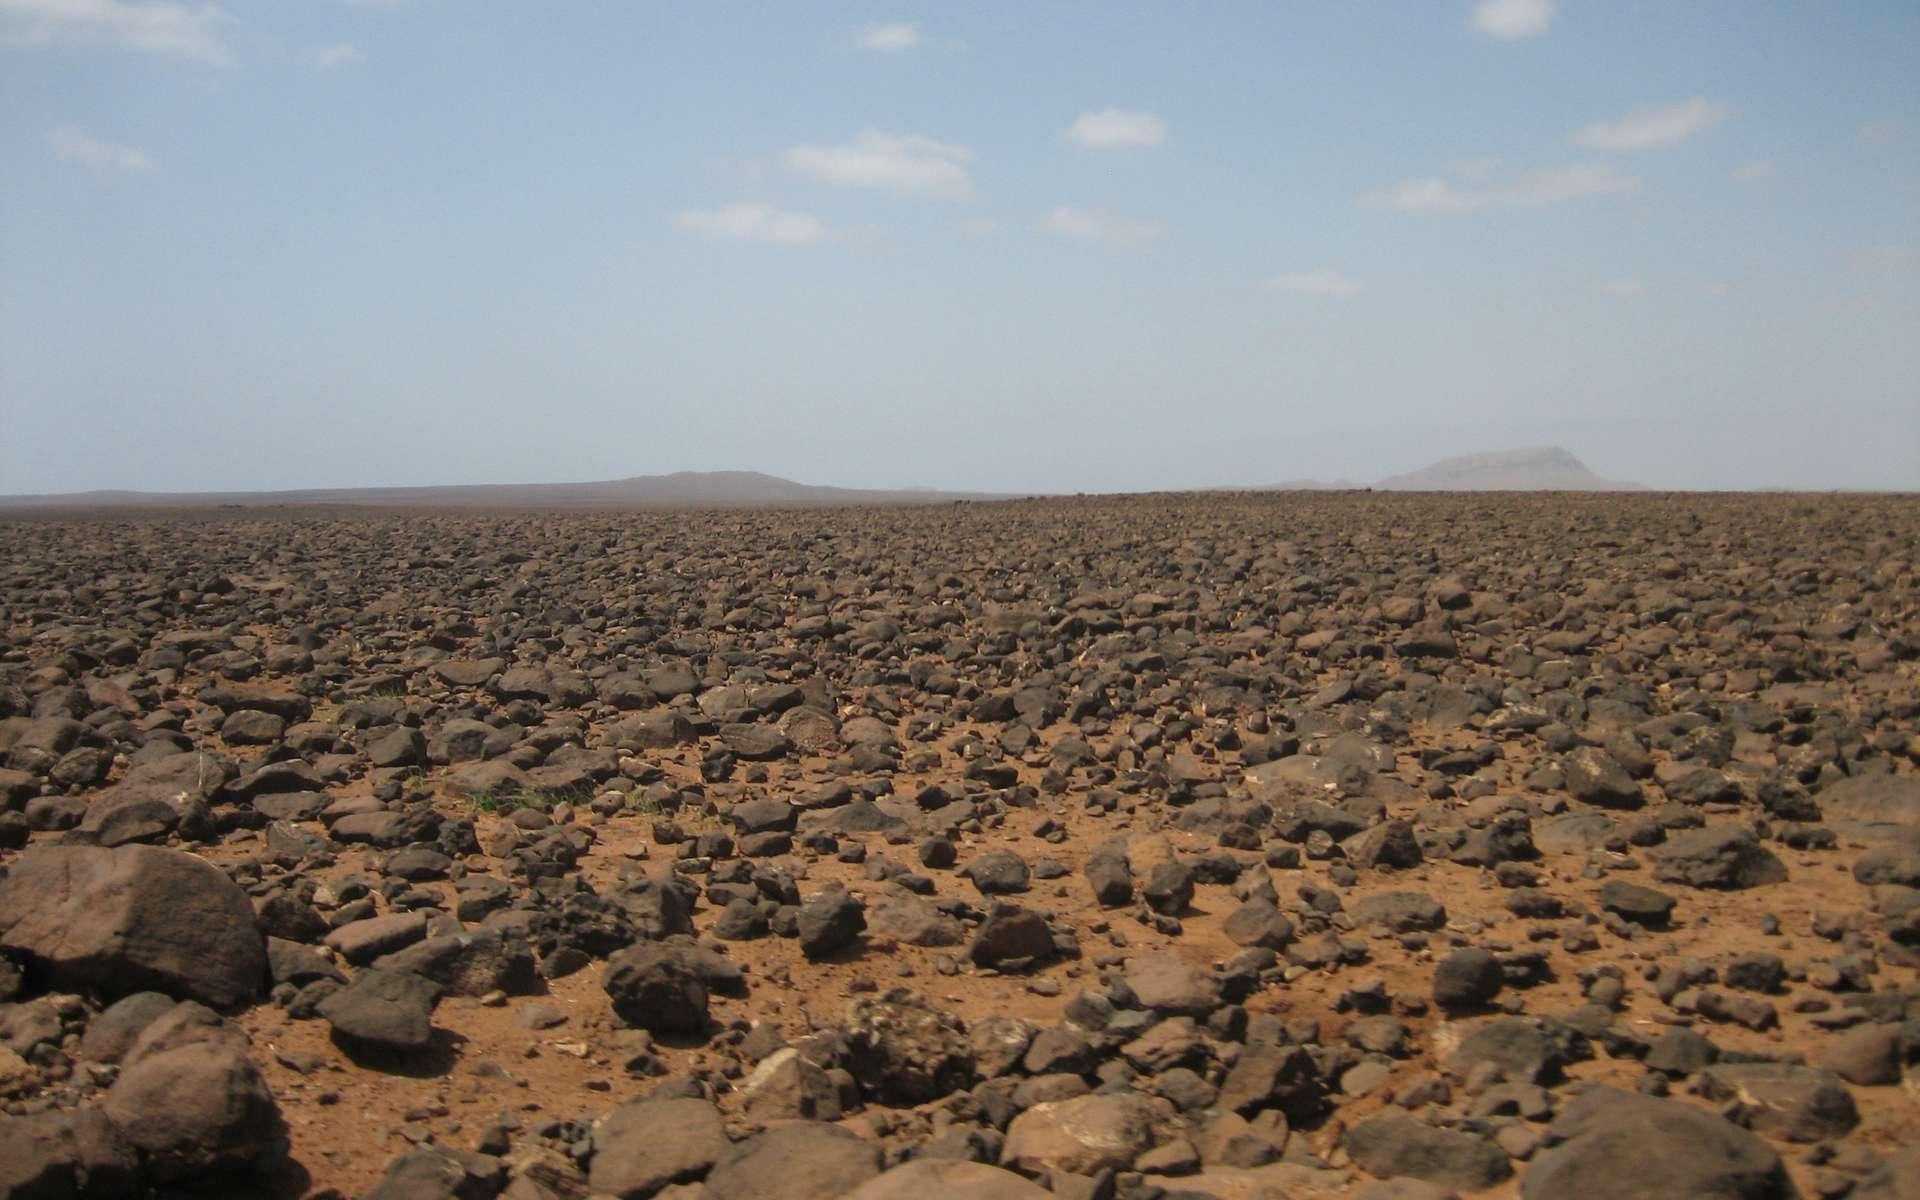 Le terme « hamada » est dérivé de l'arabe ḥammāda, qui signifie « grand plateau rocailleux et stérile ». © Ingo Wölbern, Wikimedia Commons, DP